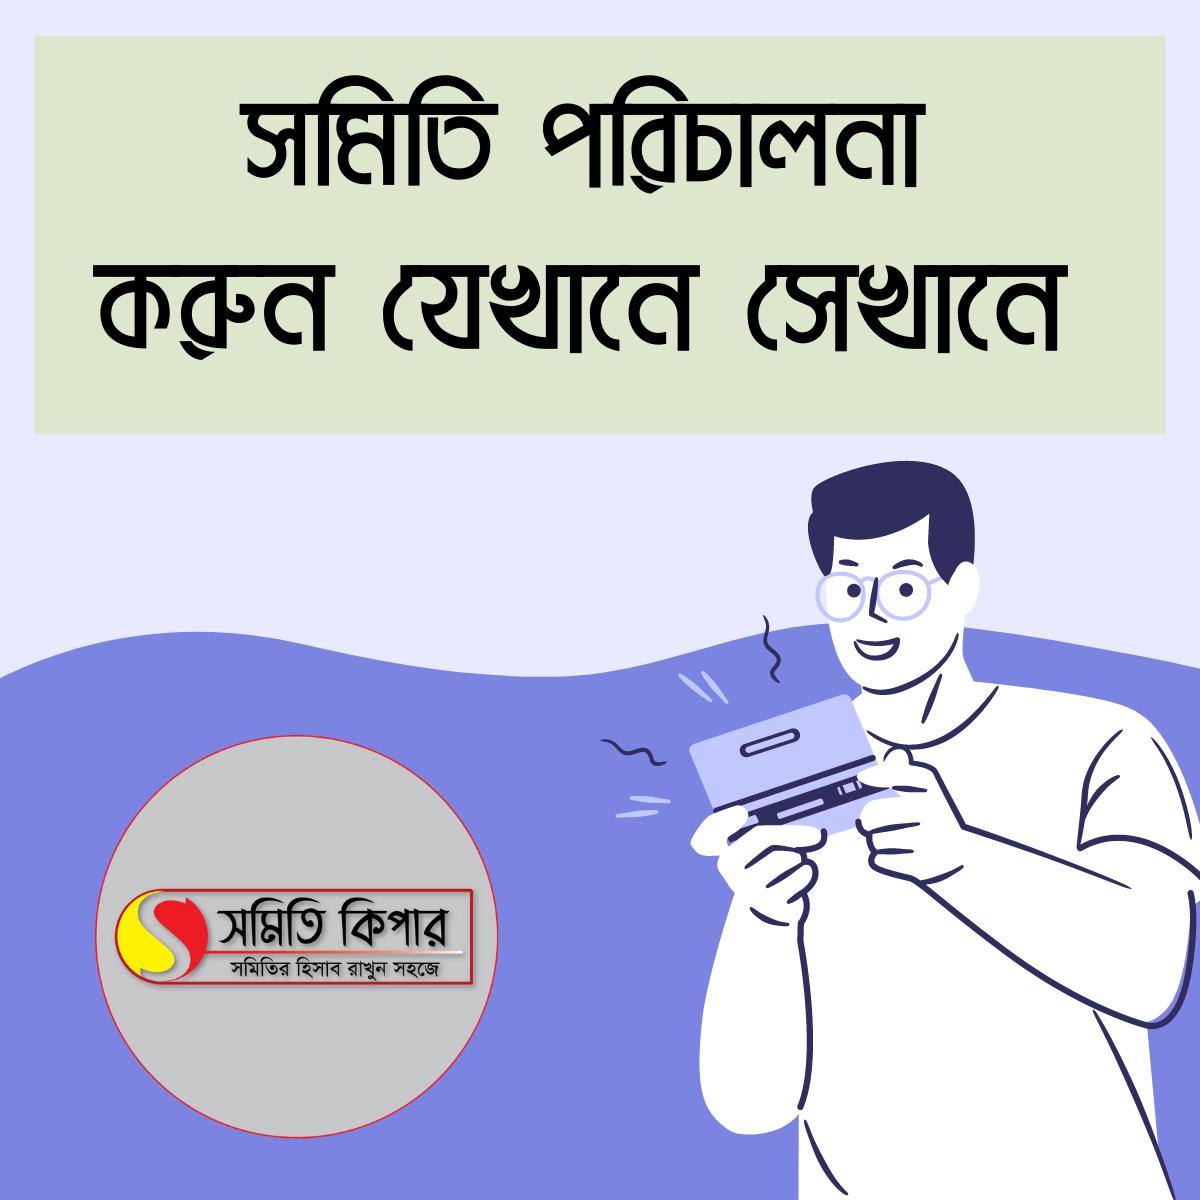 Micro credit software / NGO / Somobay Somiti Software